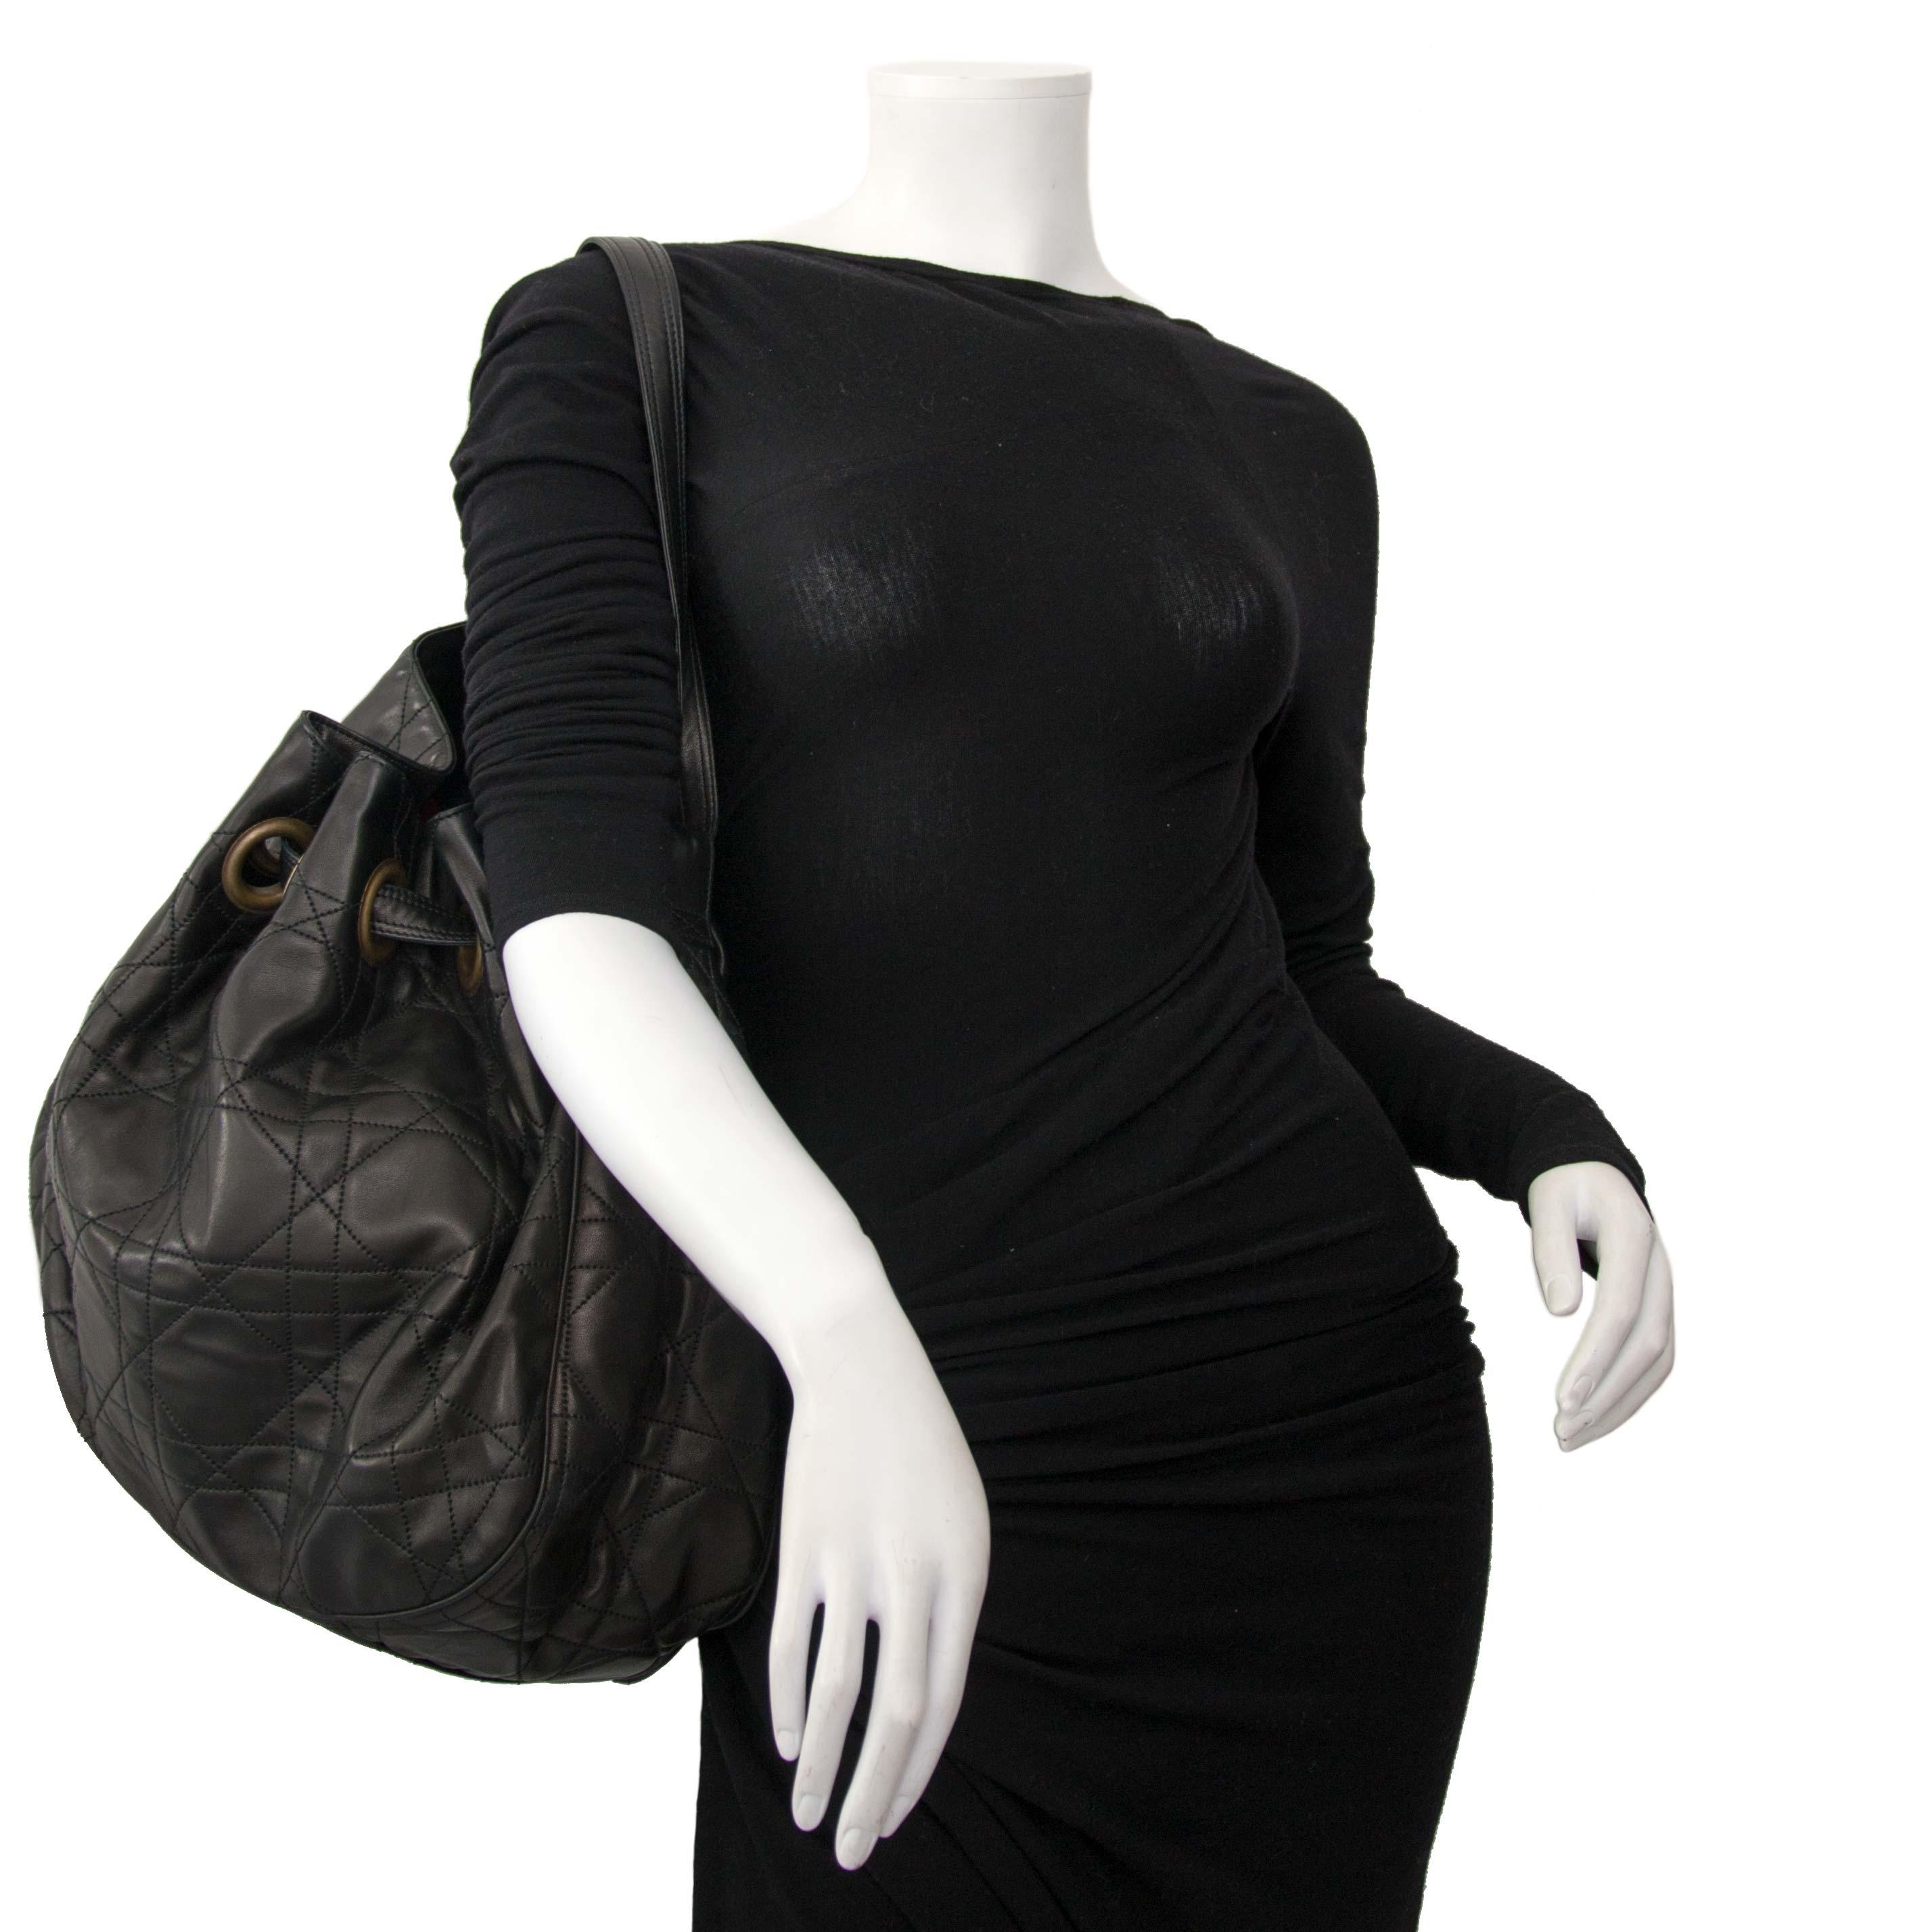 Koop uw authentieke Dior schoudertas aan de beste prijs